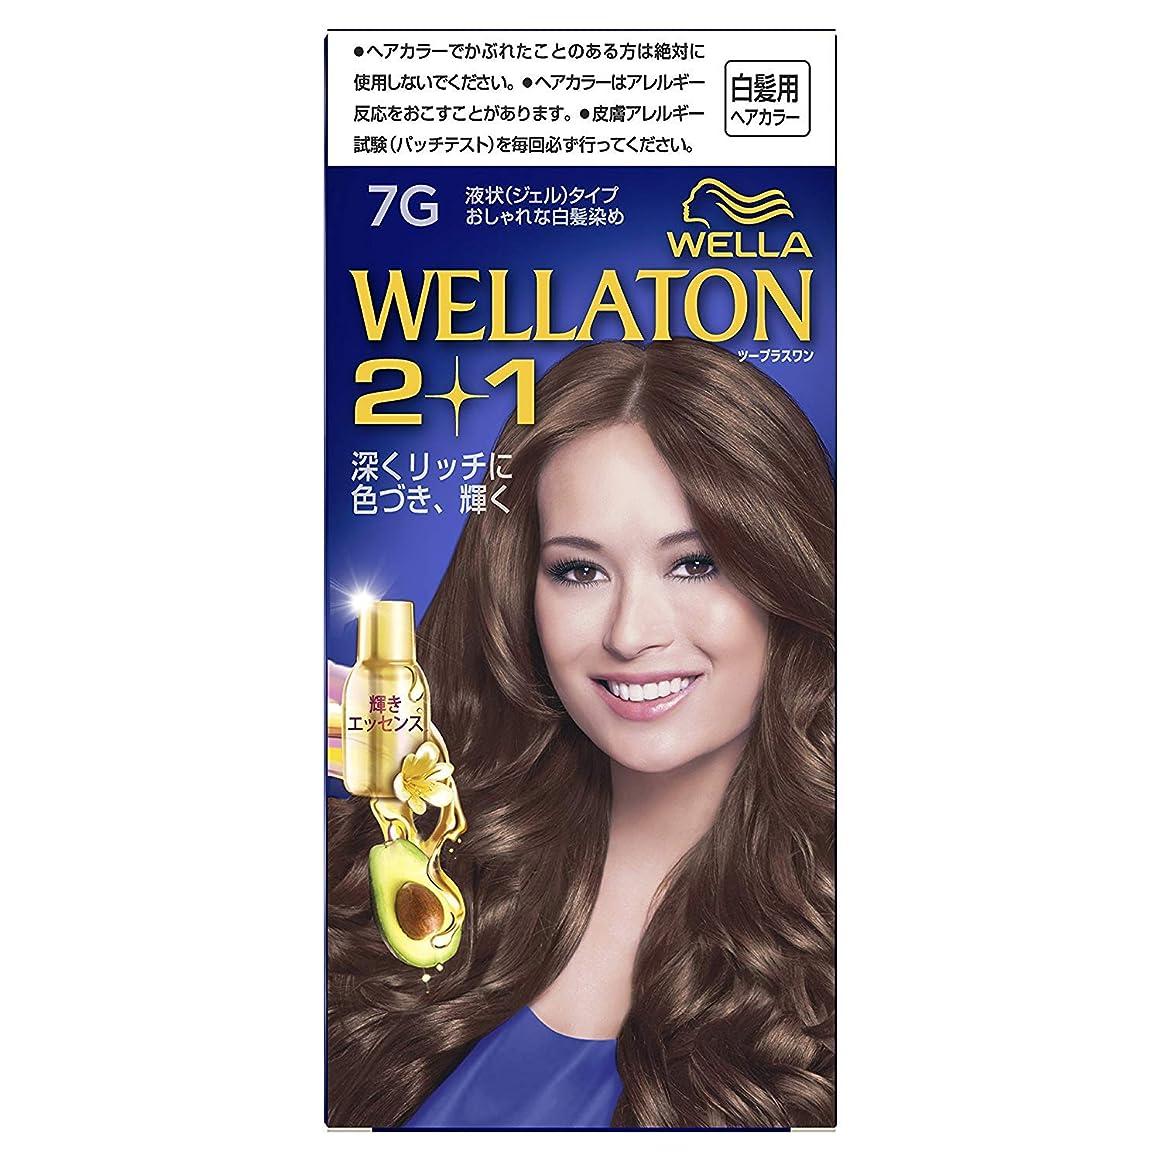 テクスチャーカナダ知り合いになるウエラトーン2+1 白髪染め 液状タイプ 7G [医薬部外品] ×6個